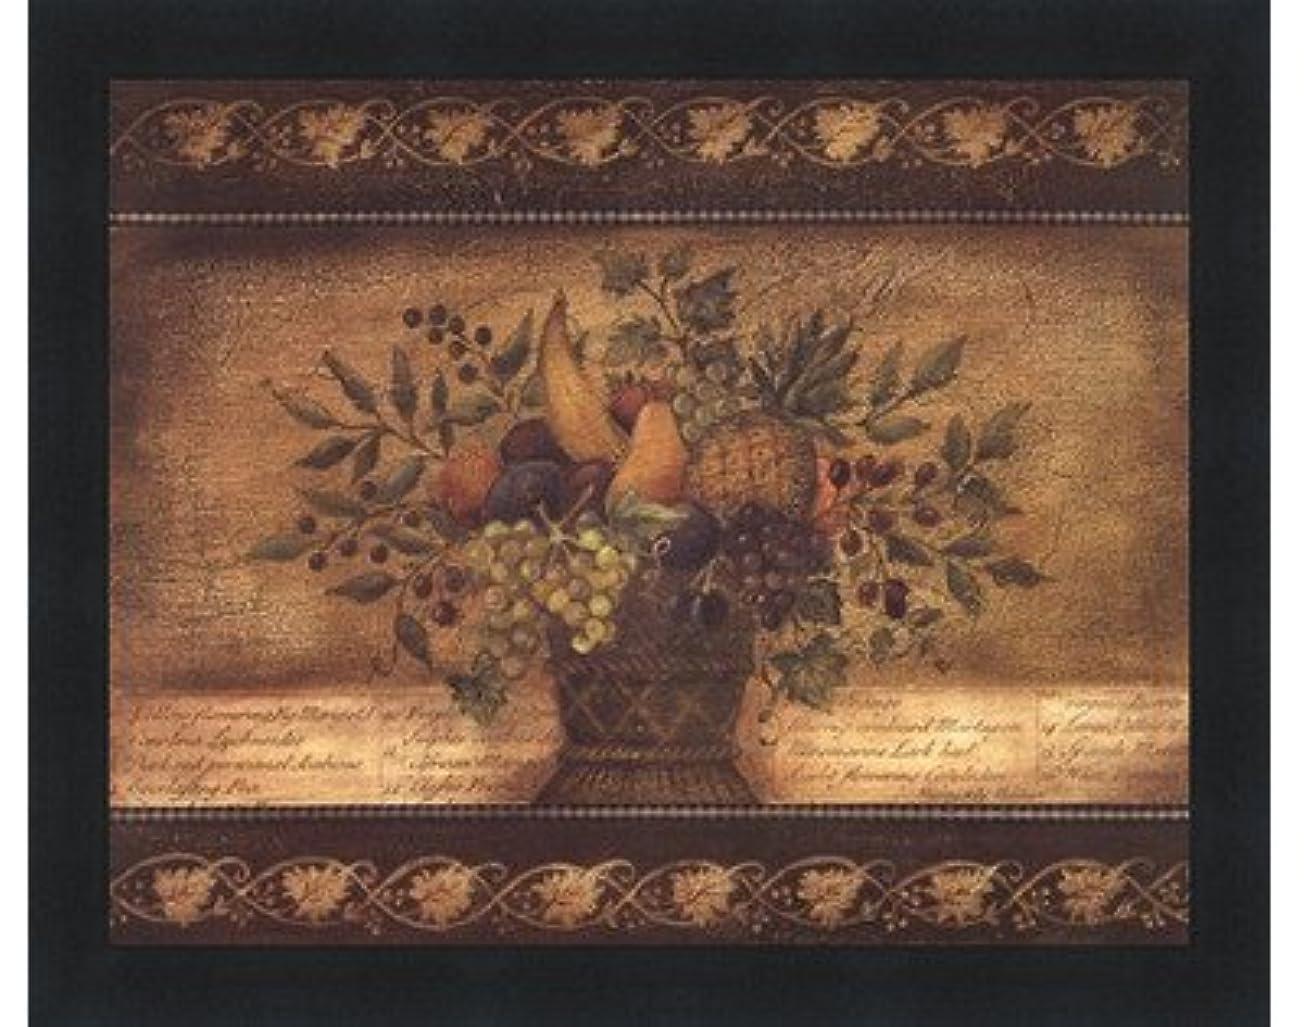 メディックつづり見つけるOld World Abundance I by Kimberly Poloson – 10 x 8インチ – アートプリントポスター LE_112347-F101-10x8